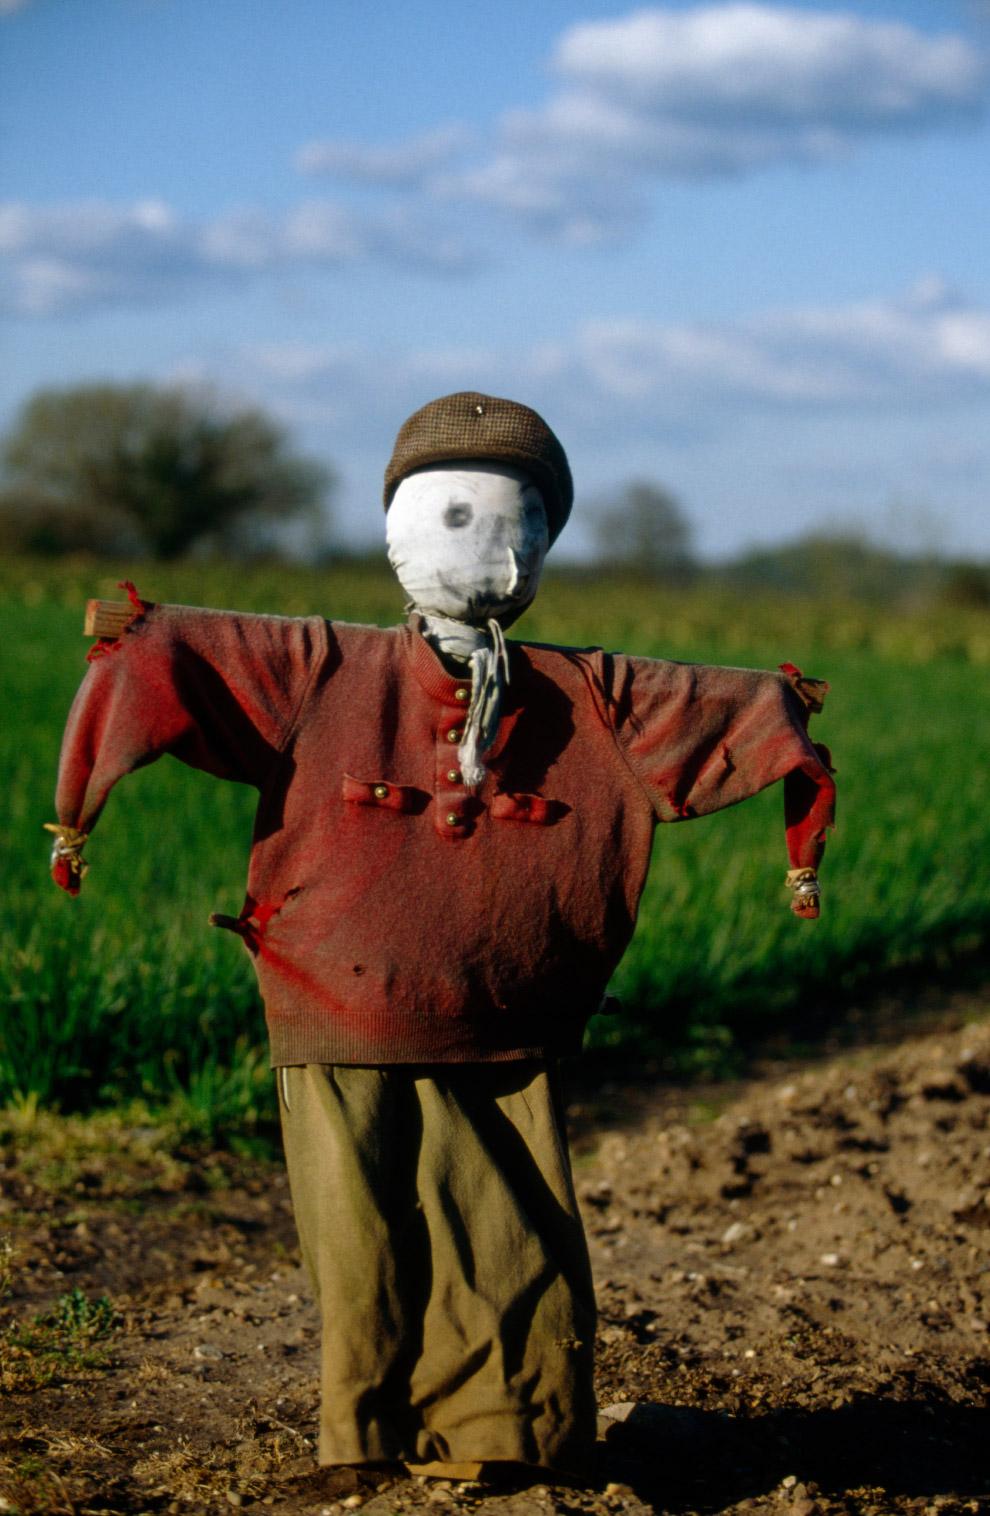 8. На английском языке, пугало произносится как «Scarecrow», что в буквальном переводе означает